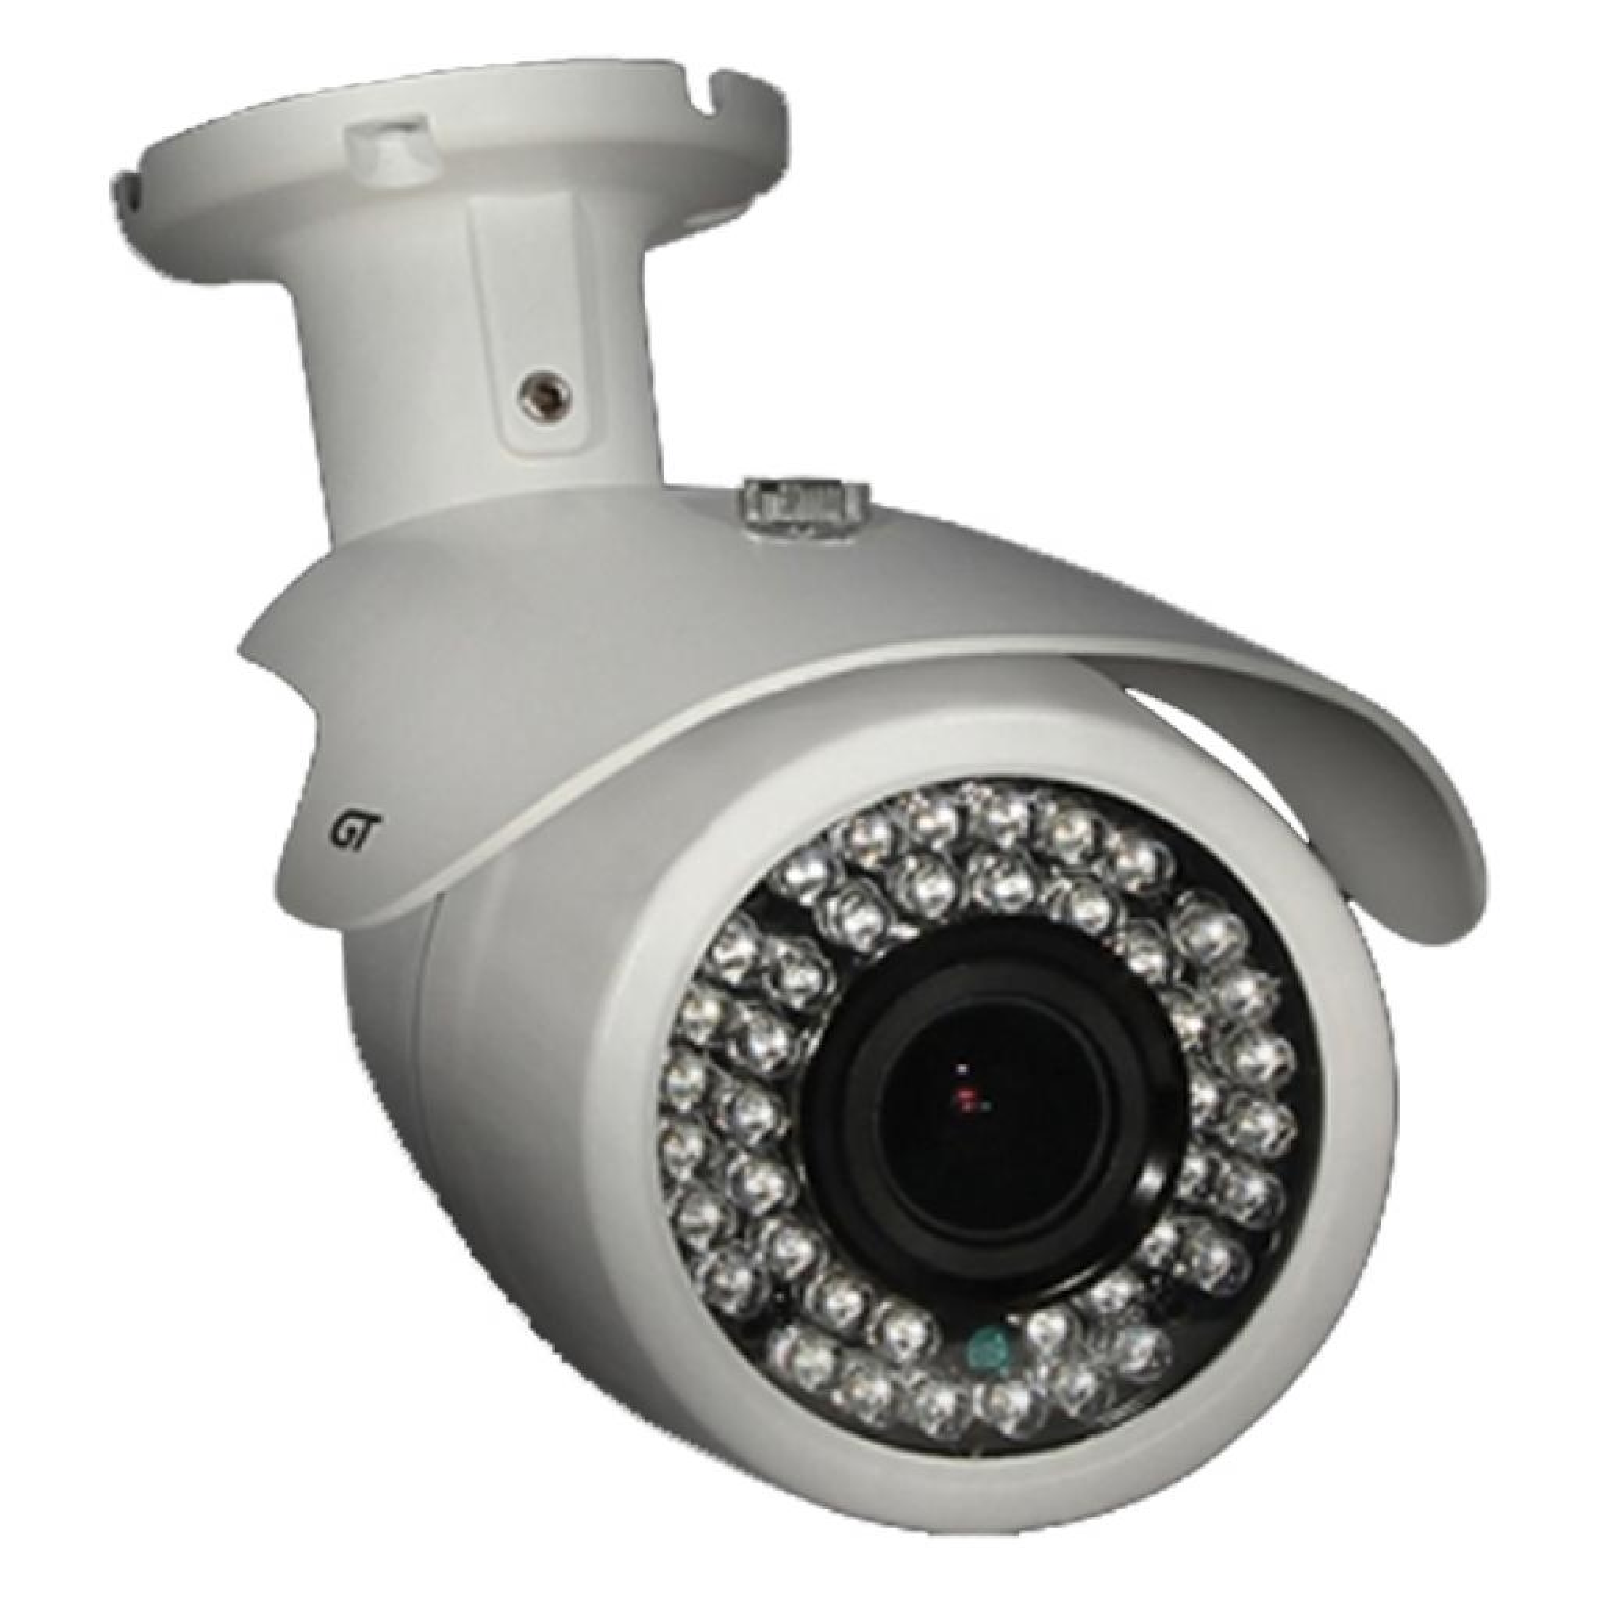 Камера видеонаблюдения GT Electronics AH282-20s изображение 2